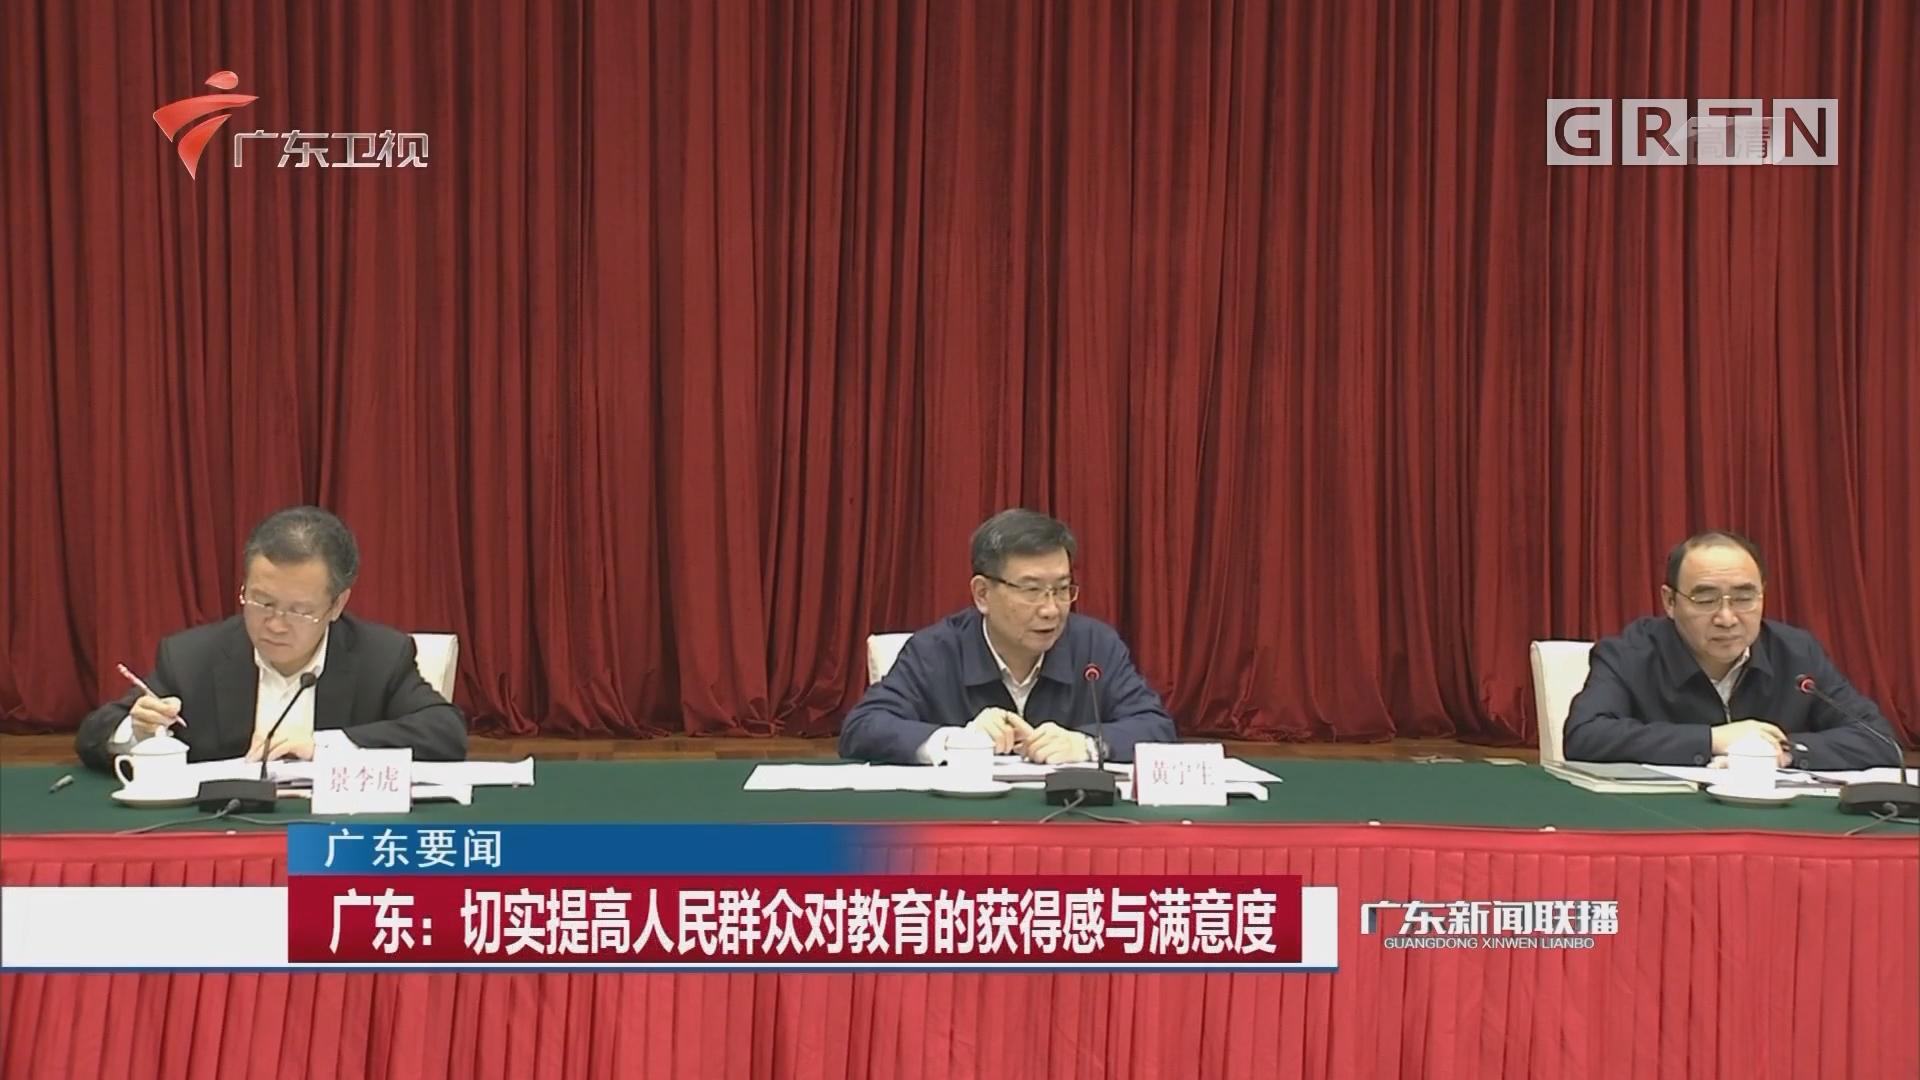 广东:切实提高人民群众对教育的获得感与满意度